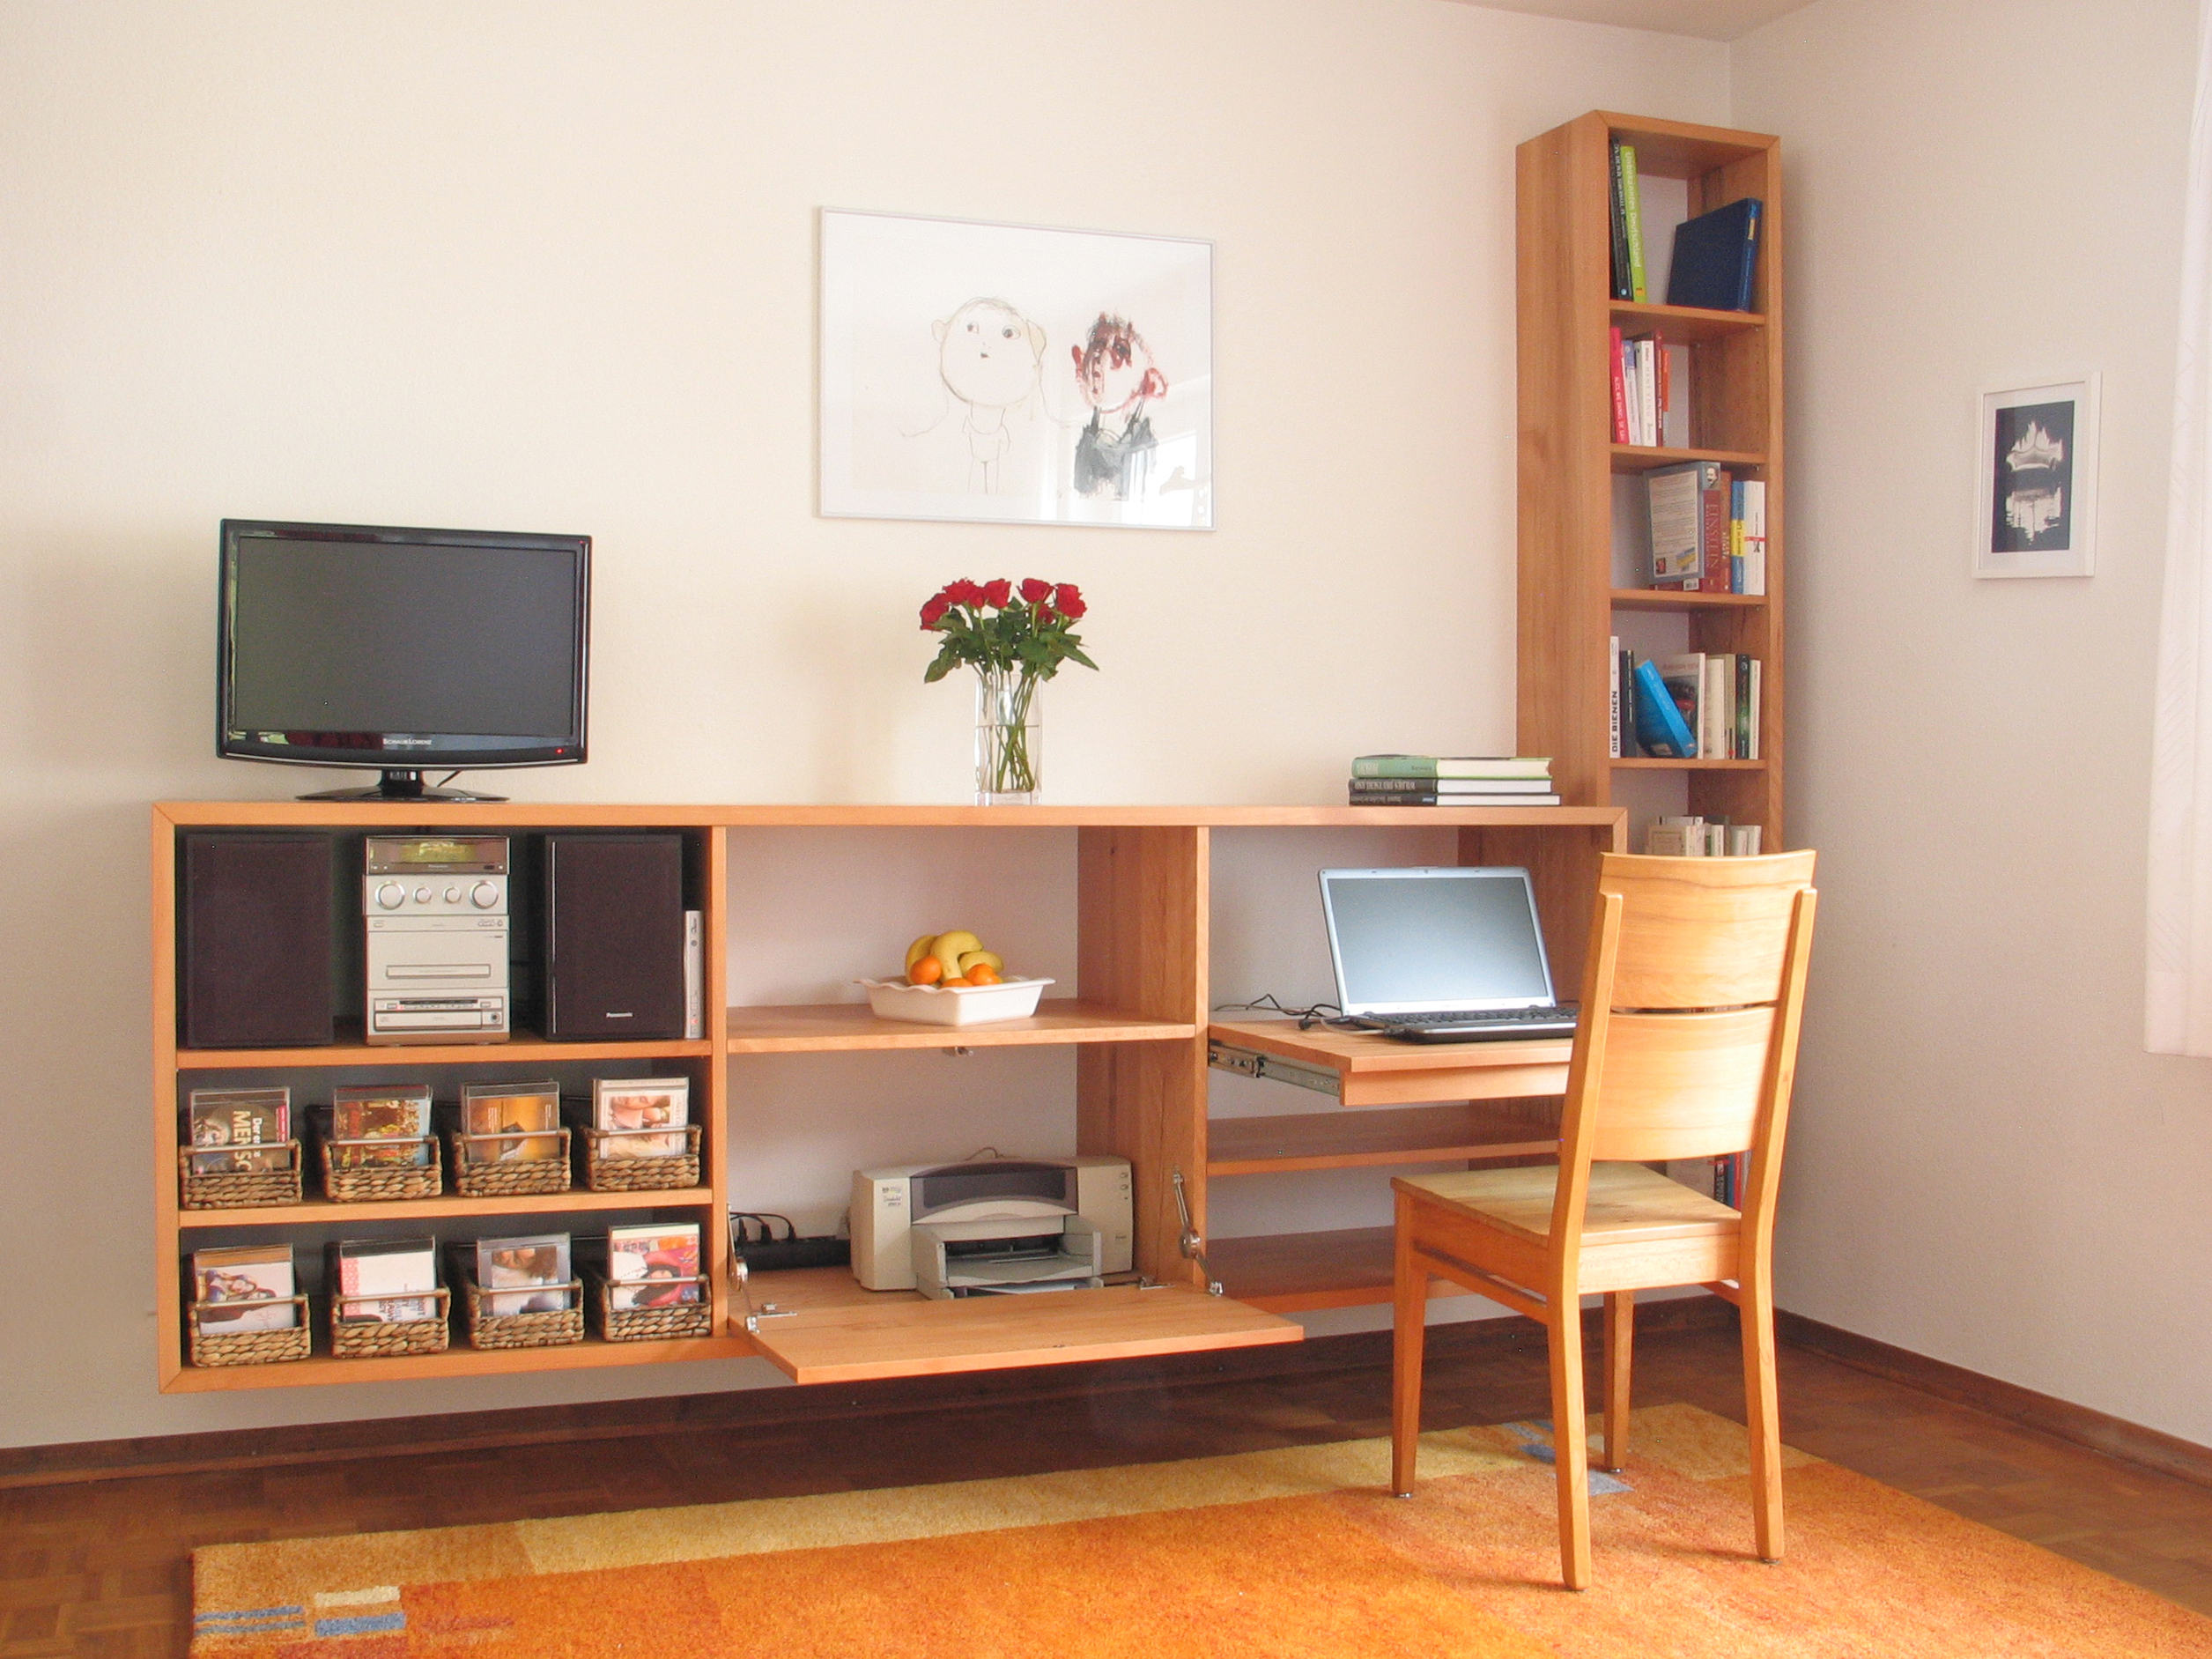 Wohnzimmerregal PC Arbeitsplatz Kernbuche 01